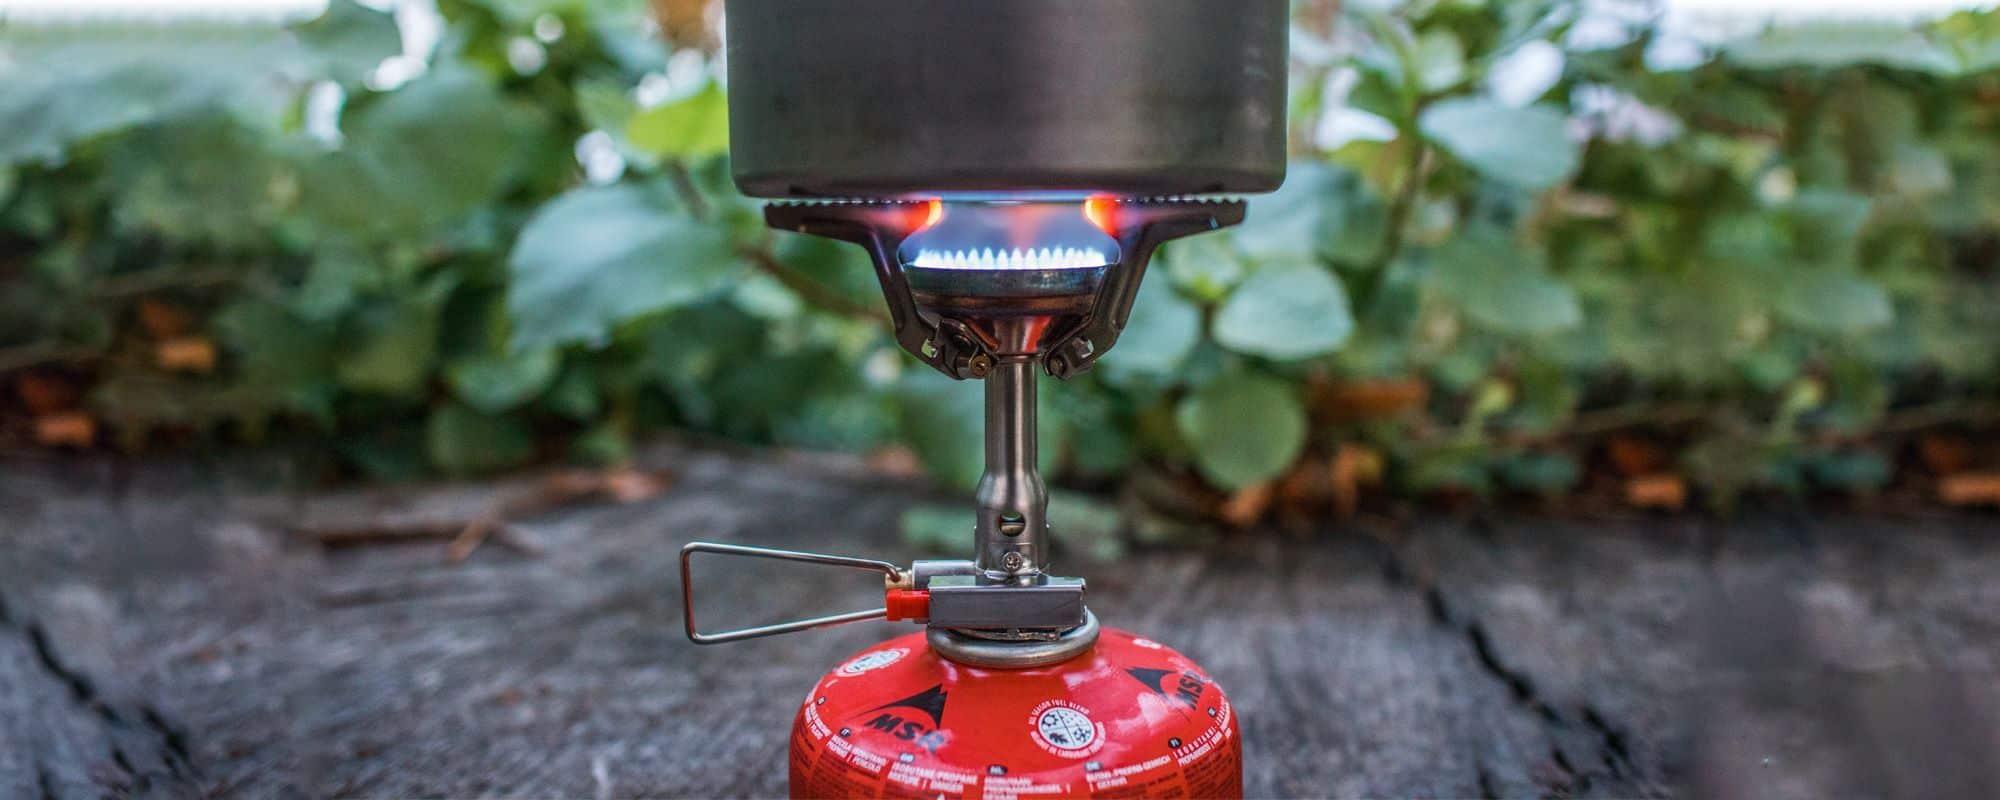 SOTO Amicus Test & Erfahrungen - starker Outdoor Campingkocher überzeugt auch bei Wind (Preistipp)